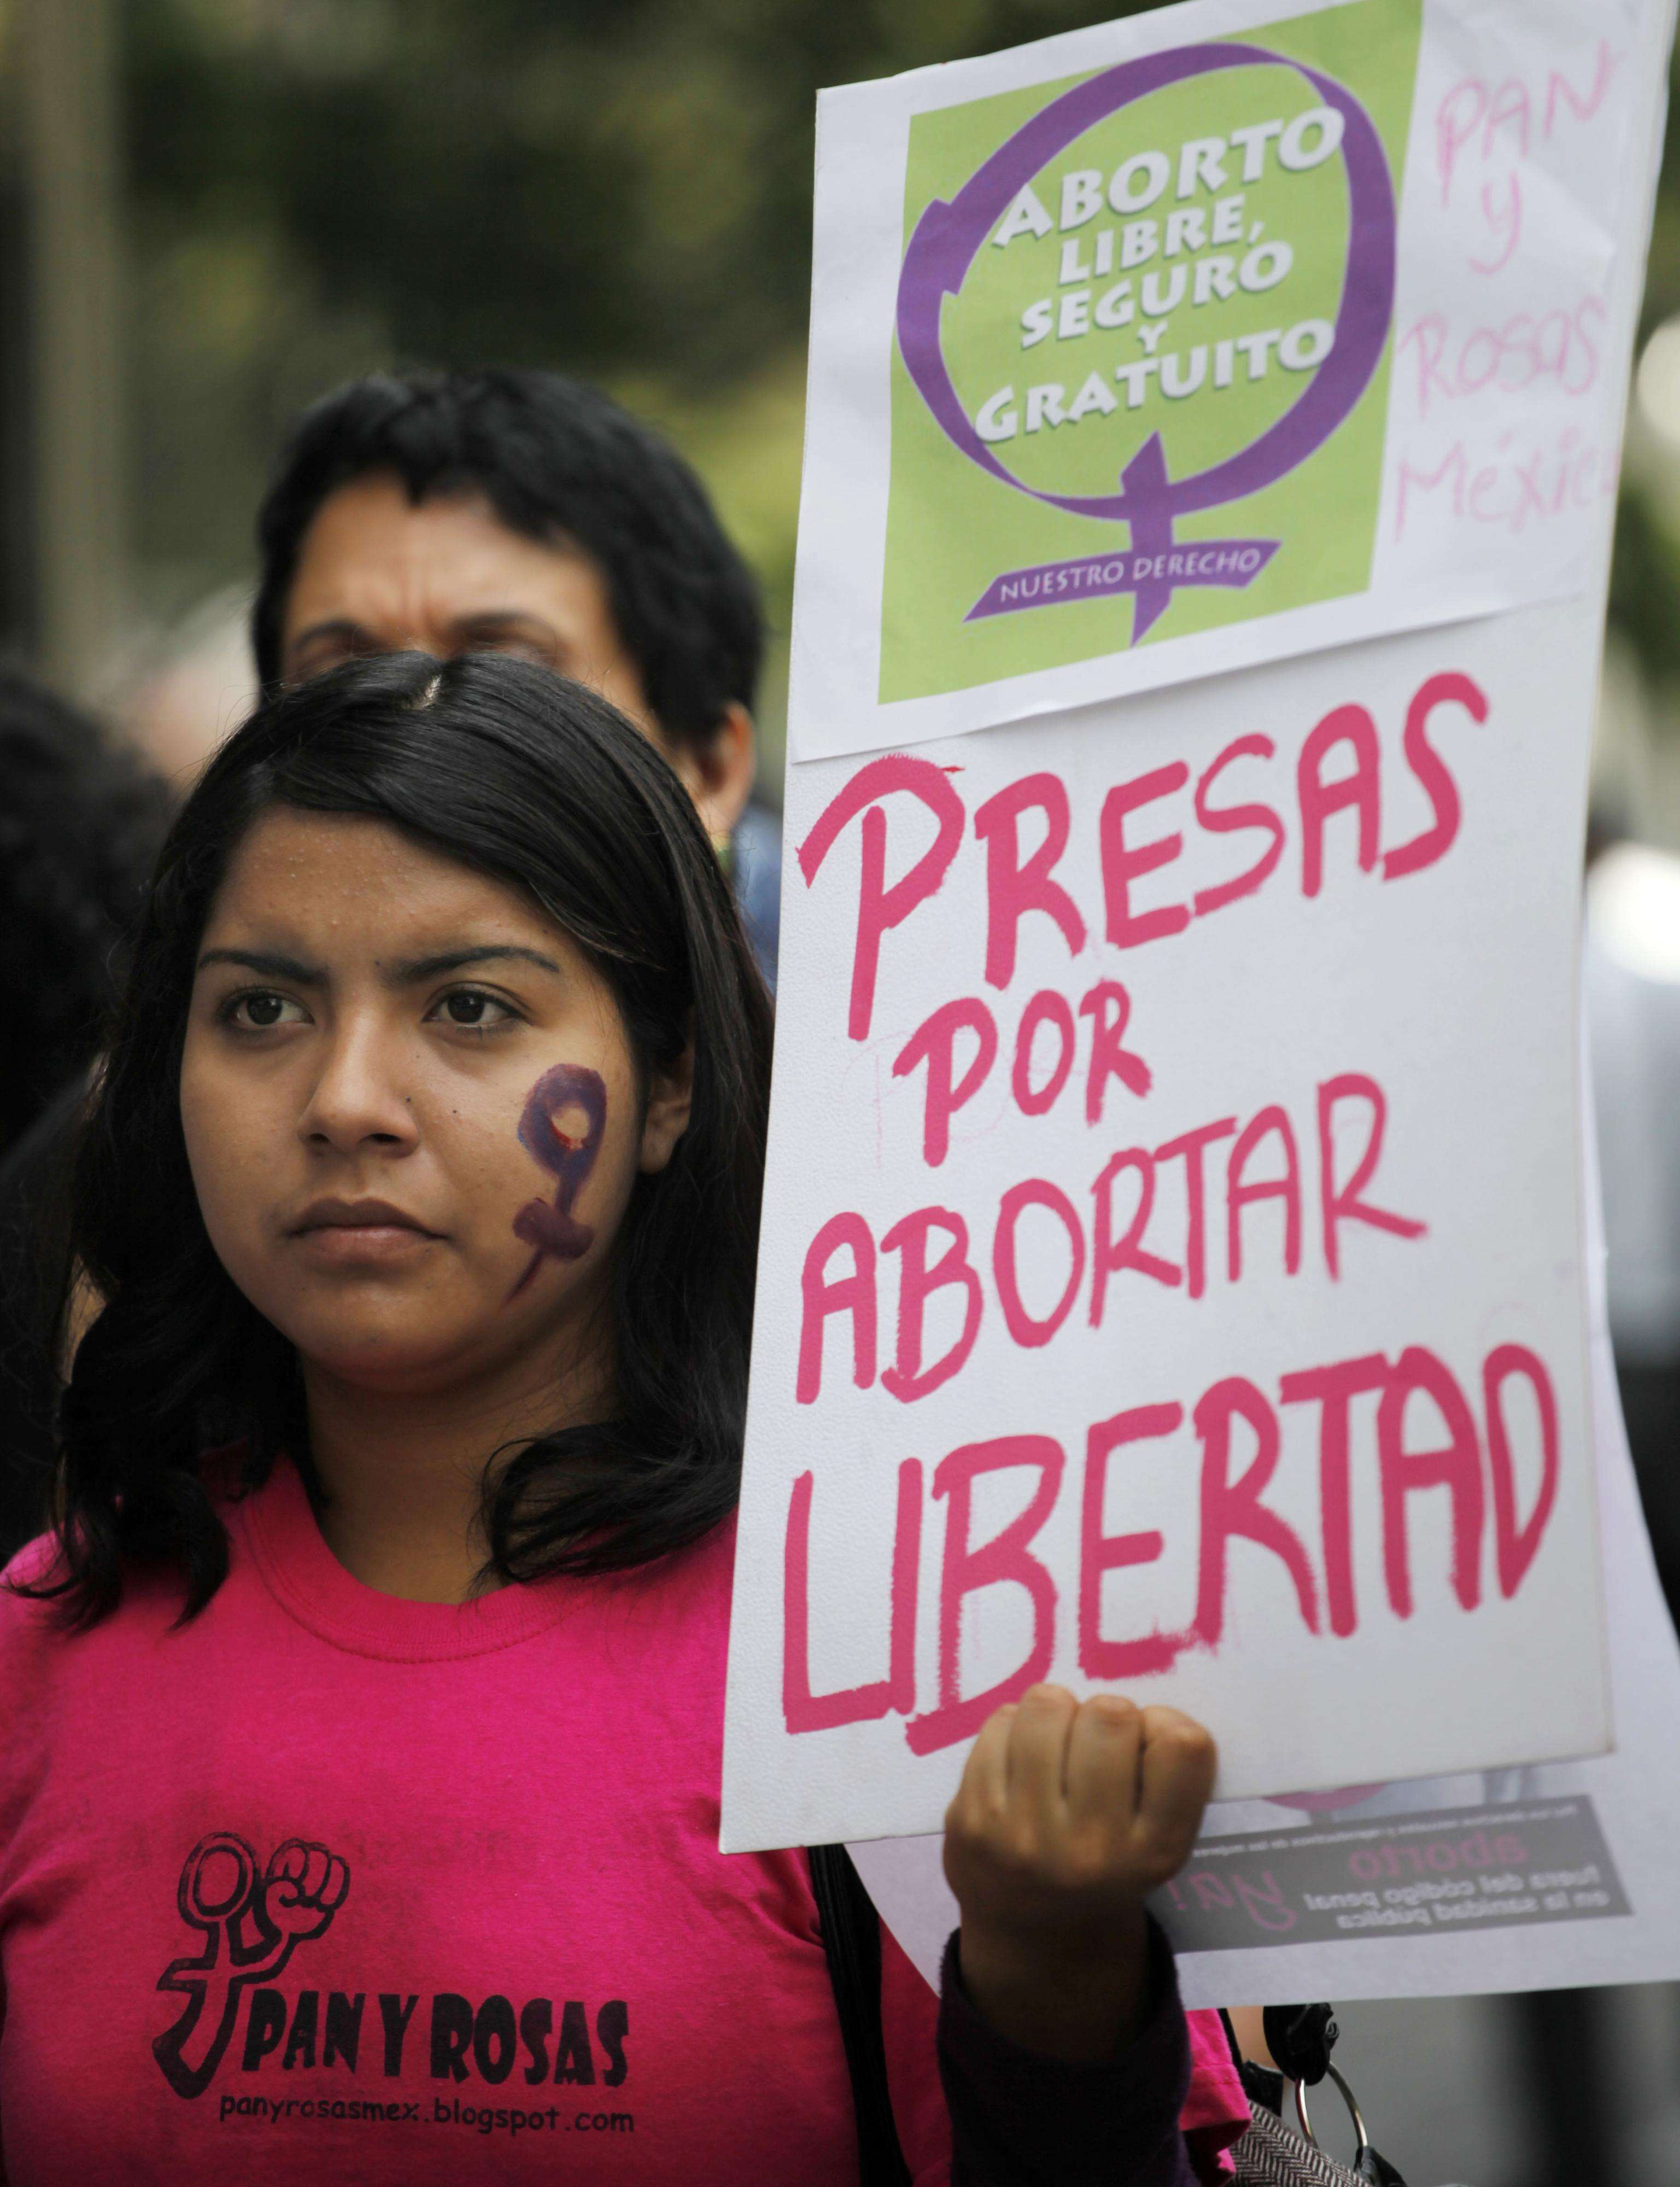 La víctima recibe el apoyo del Clínica de Interés Público del CIDE, así como las organizaciones de derechos humanos Las Libres y Equifonía. Foto: Archivo/AP en español